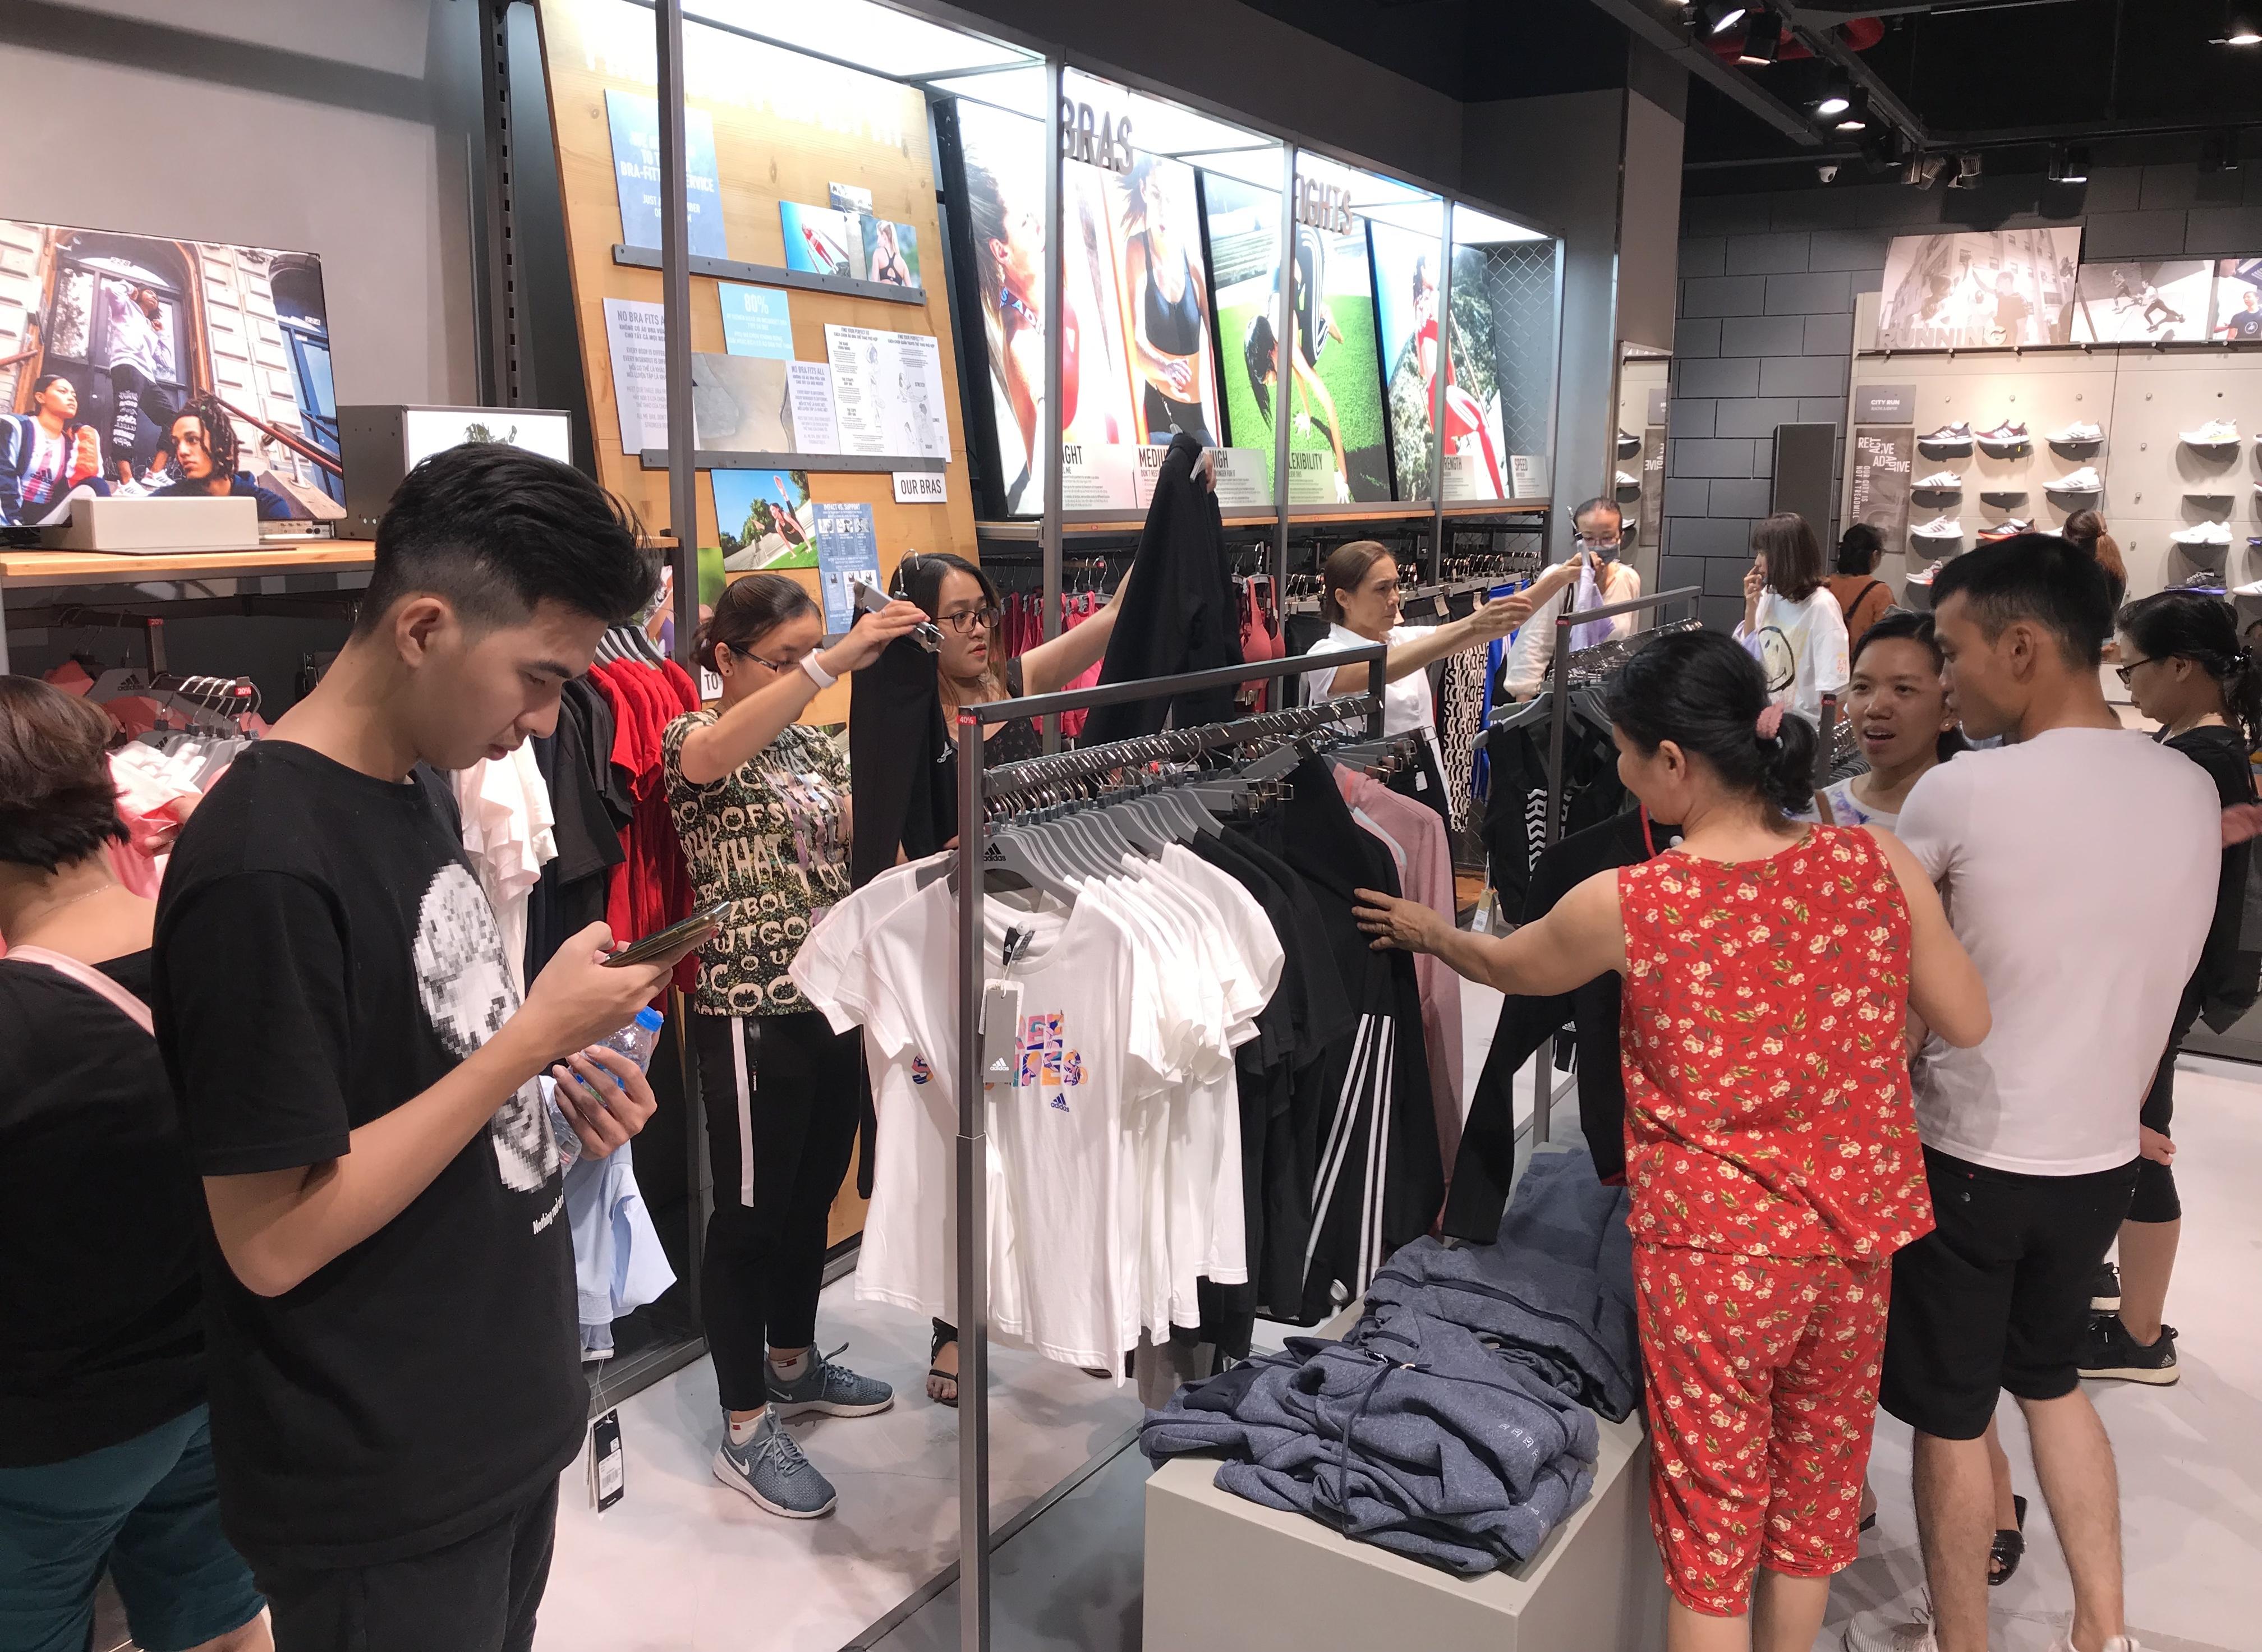 Hàng hiệu lần đầu giảm giá kịch trần lên 100%, người Sài Gòn đổ xô đi mua sắm hậu COVID-19 - Ảnh 7.